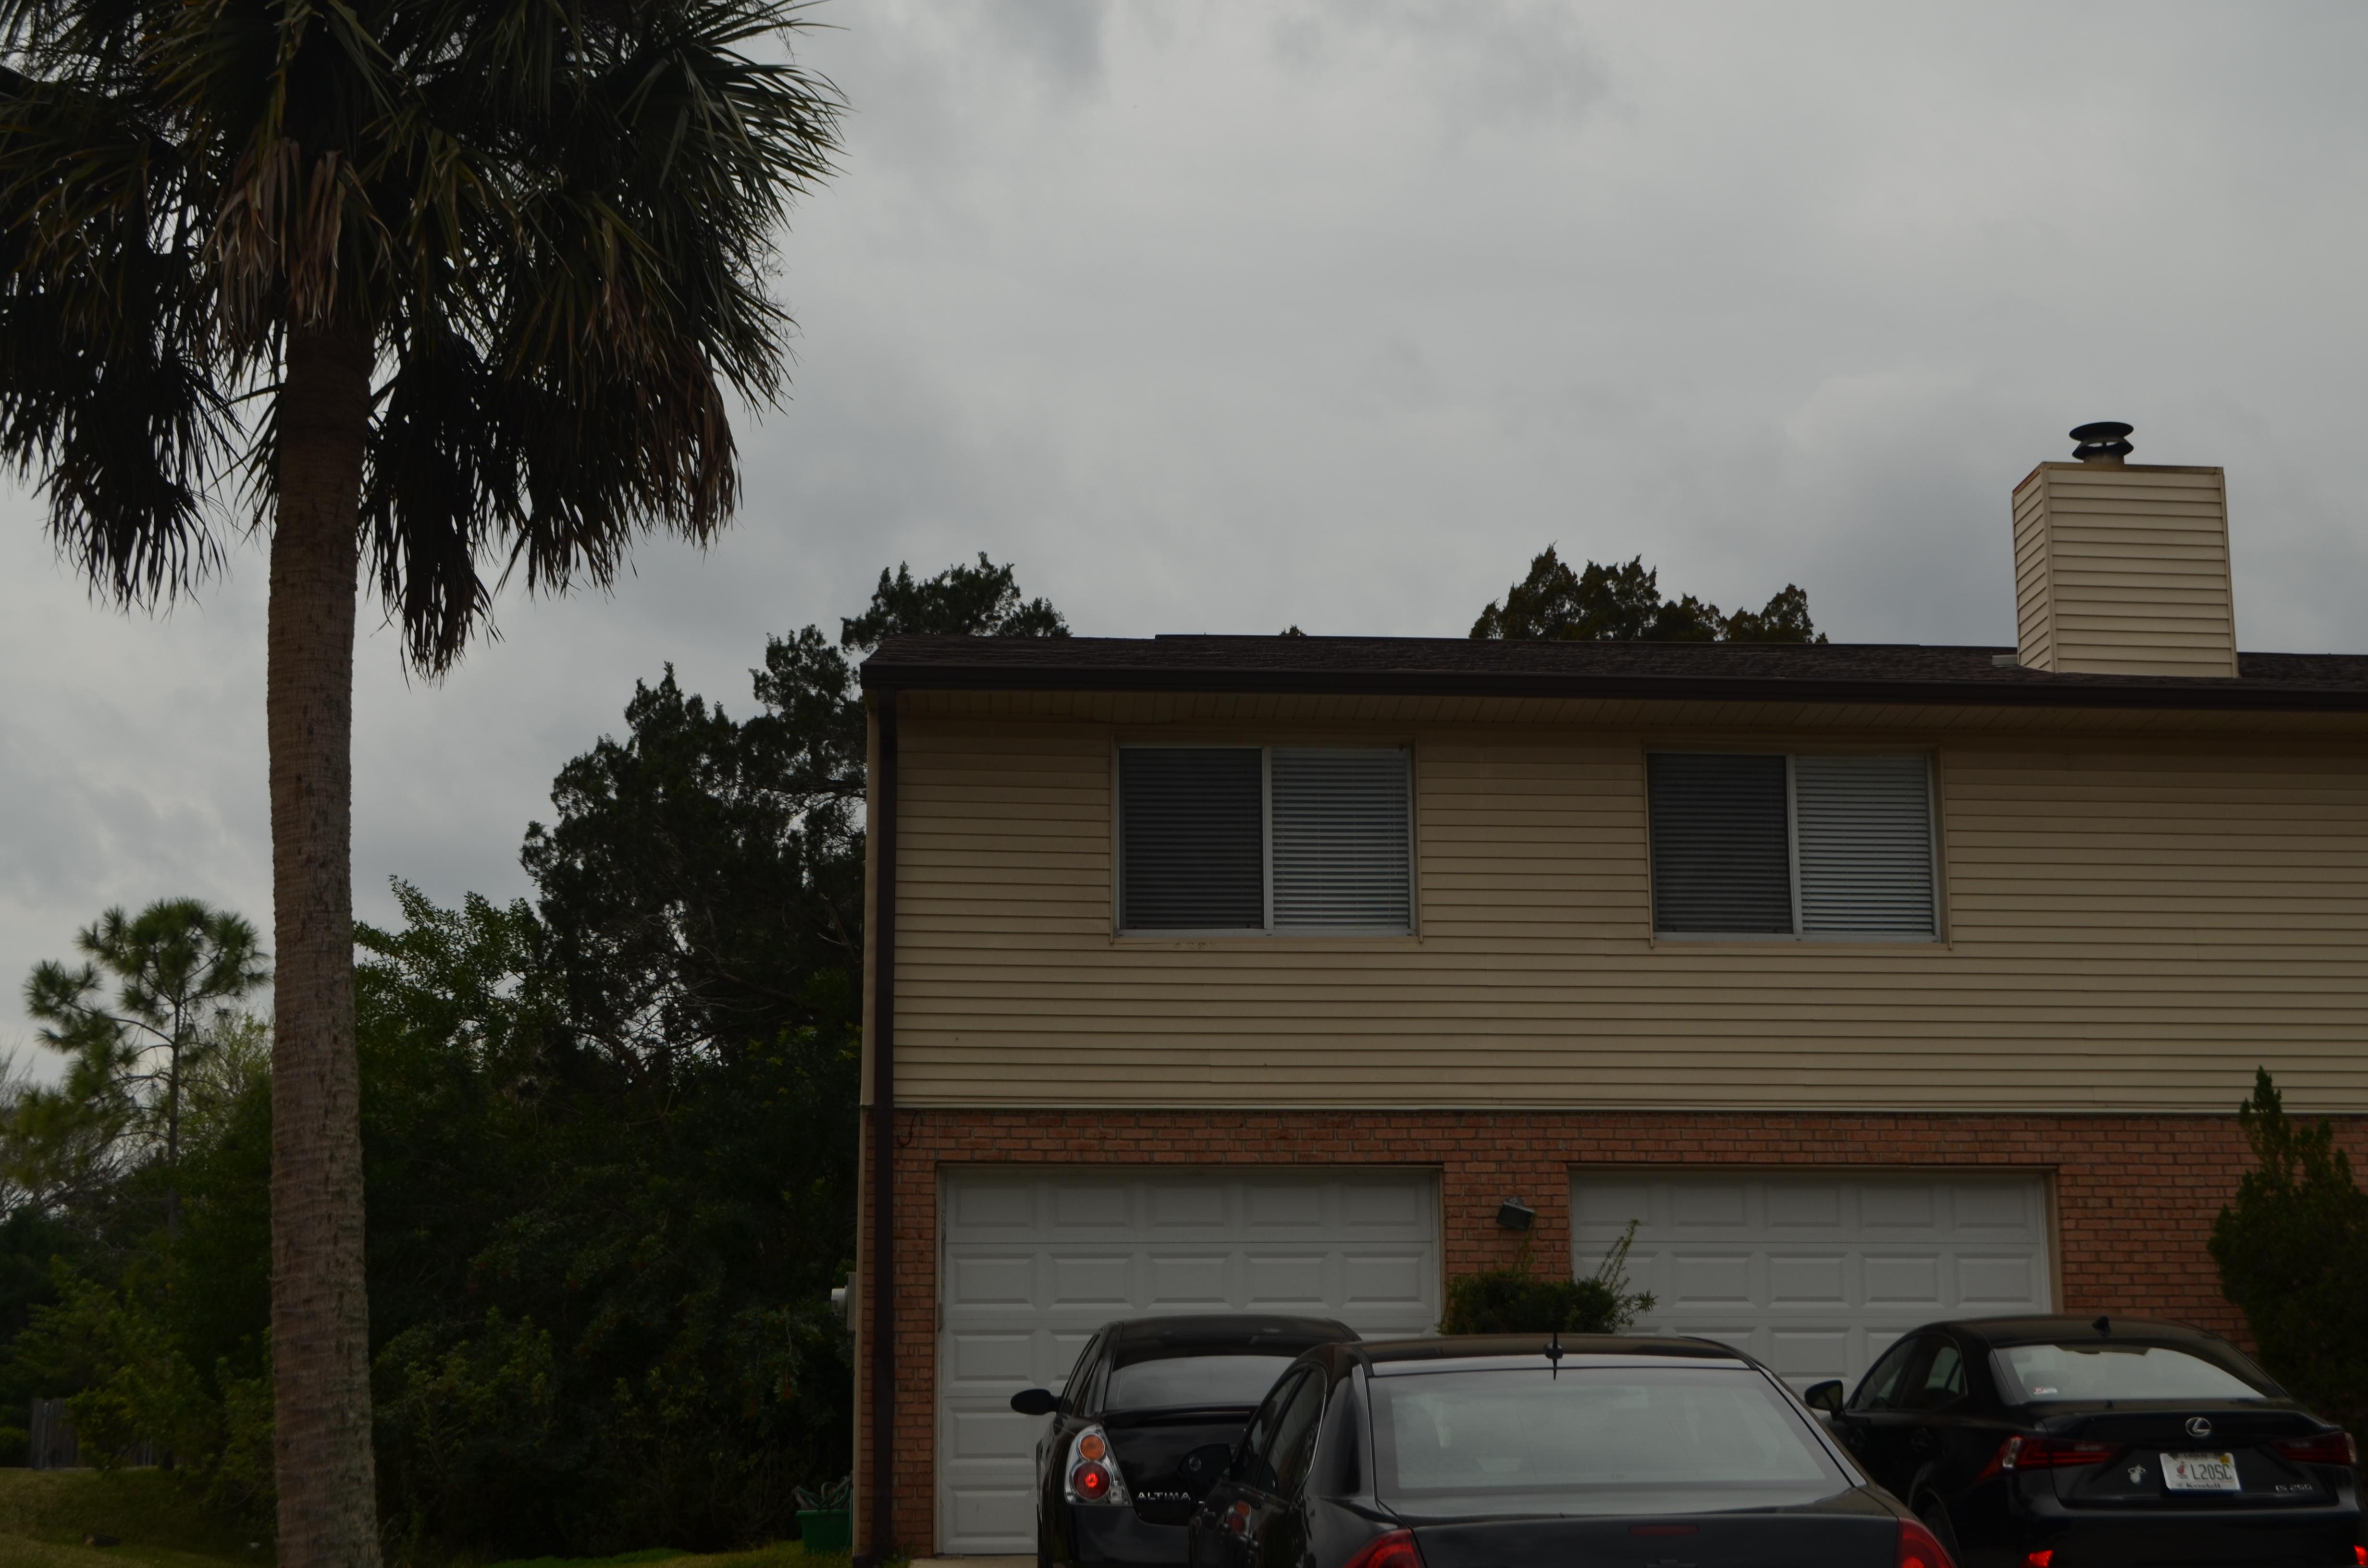 4 Bedroom Houses For Rent In Daytona Beach Fl 28 Images Mobile Home For Rent In Daytona